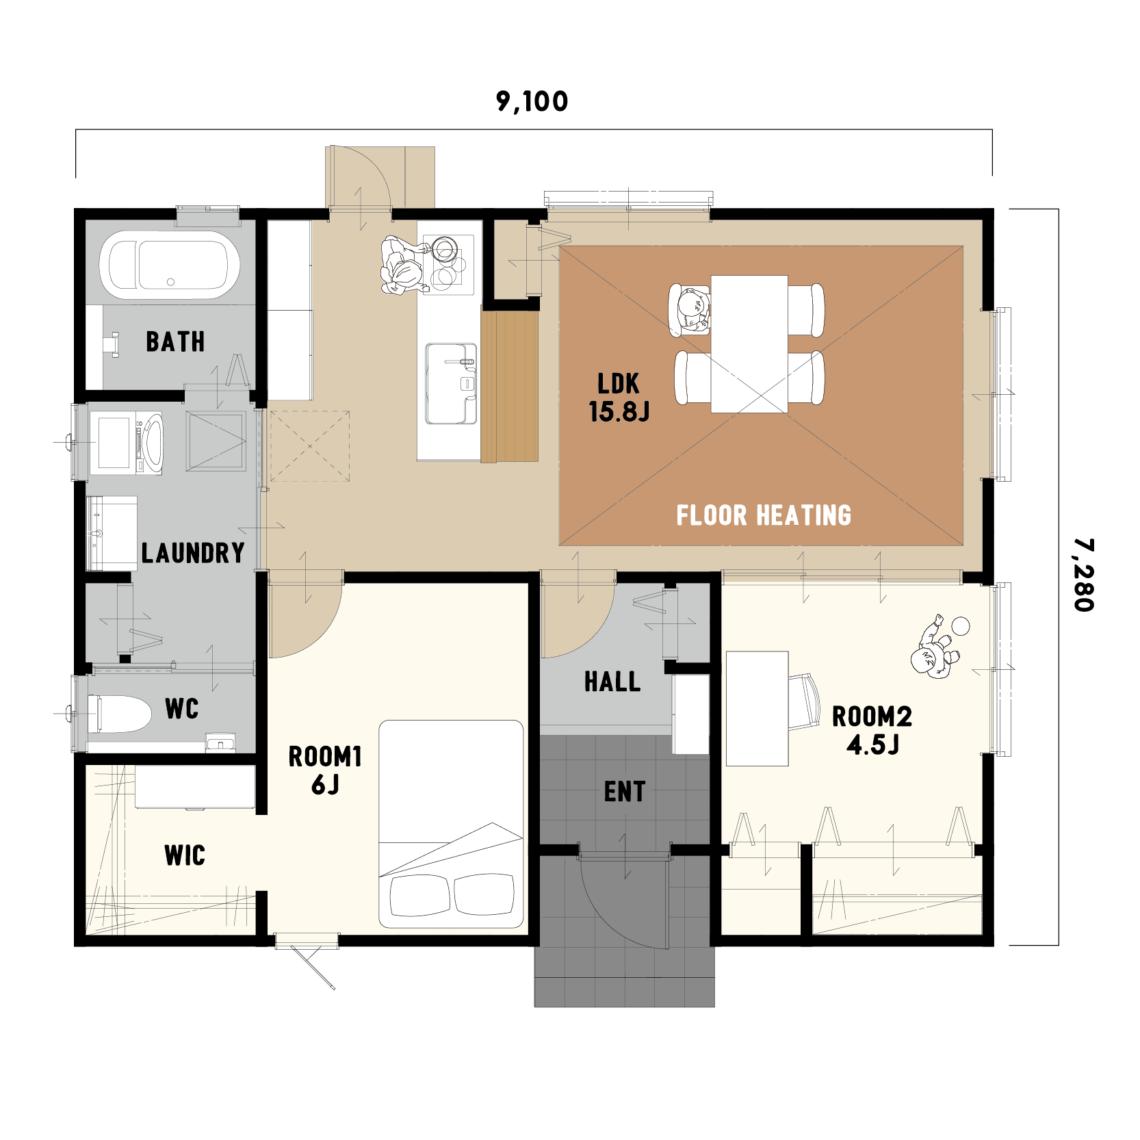 大きなドッグランと🐾はだしでぽかぽか床暖房 LDKの平屋のお家